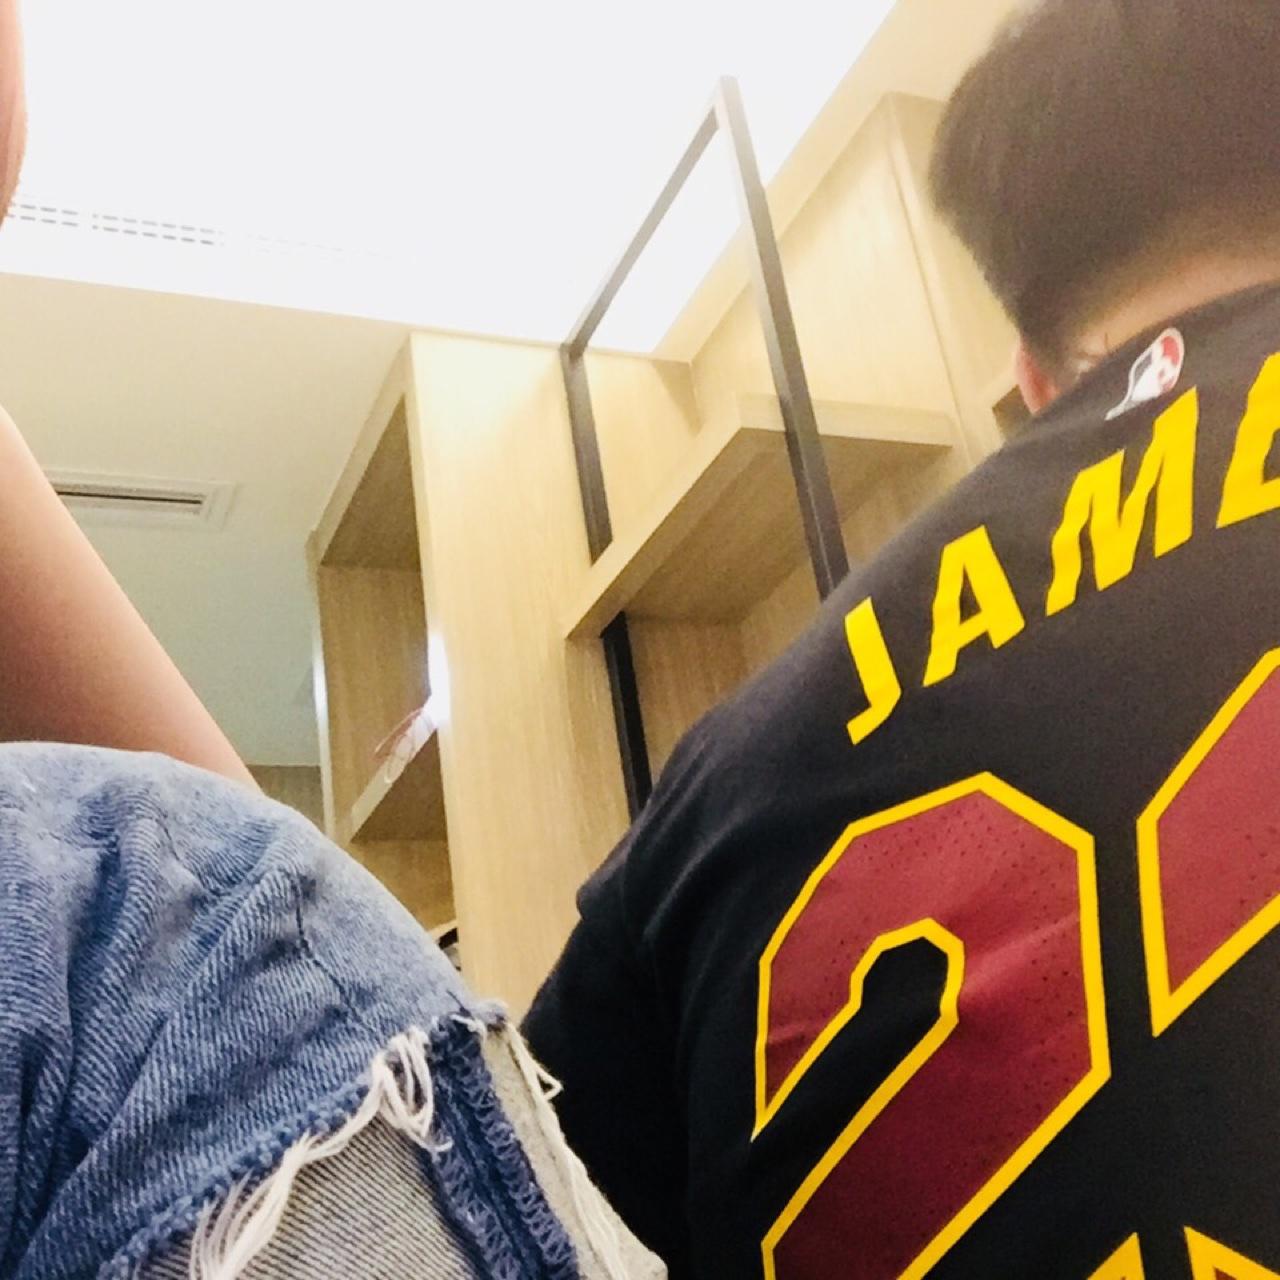 欧尼最爱詹姆斯